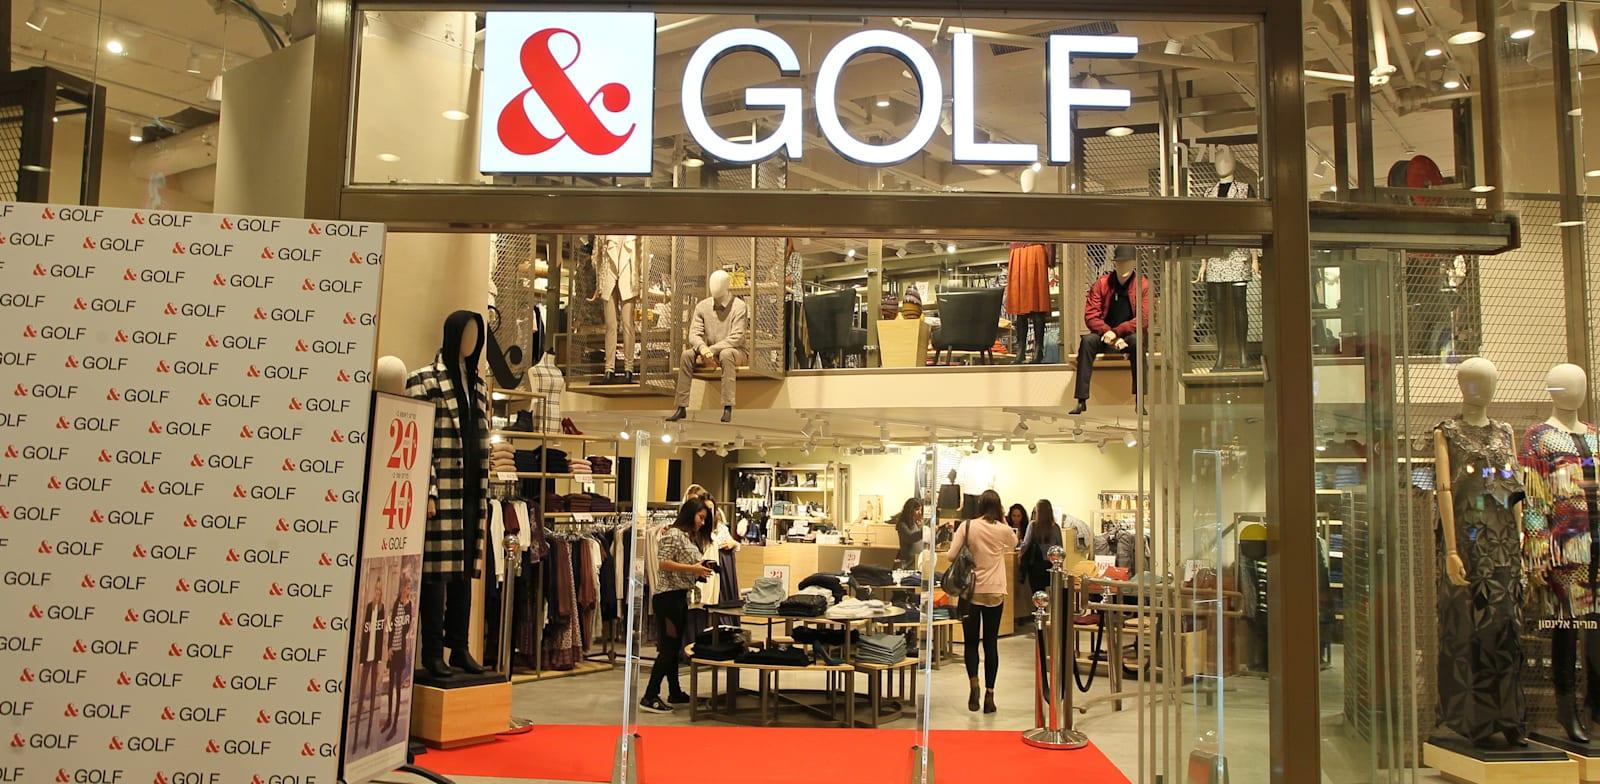 חנות גולף בדיזינגוף סנטר בתל אביב / צילום: ראובן שניידר